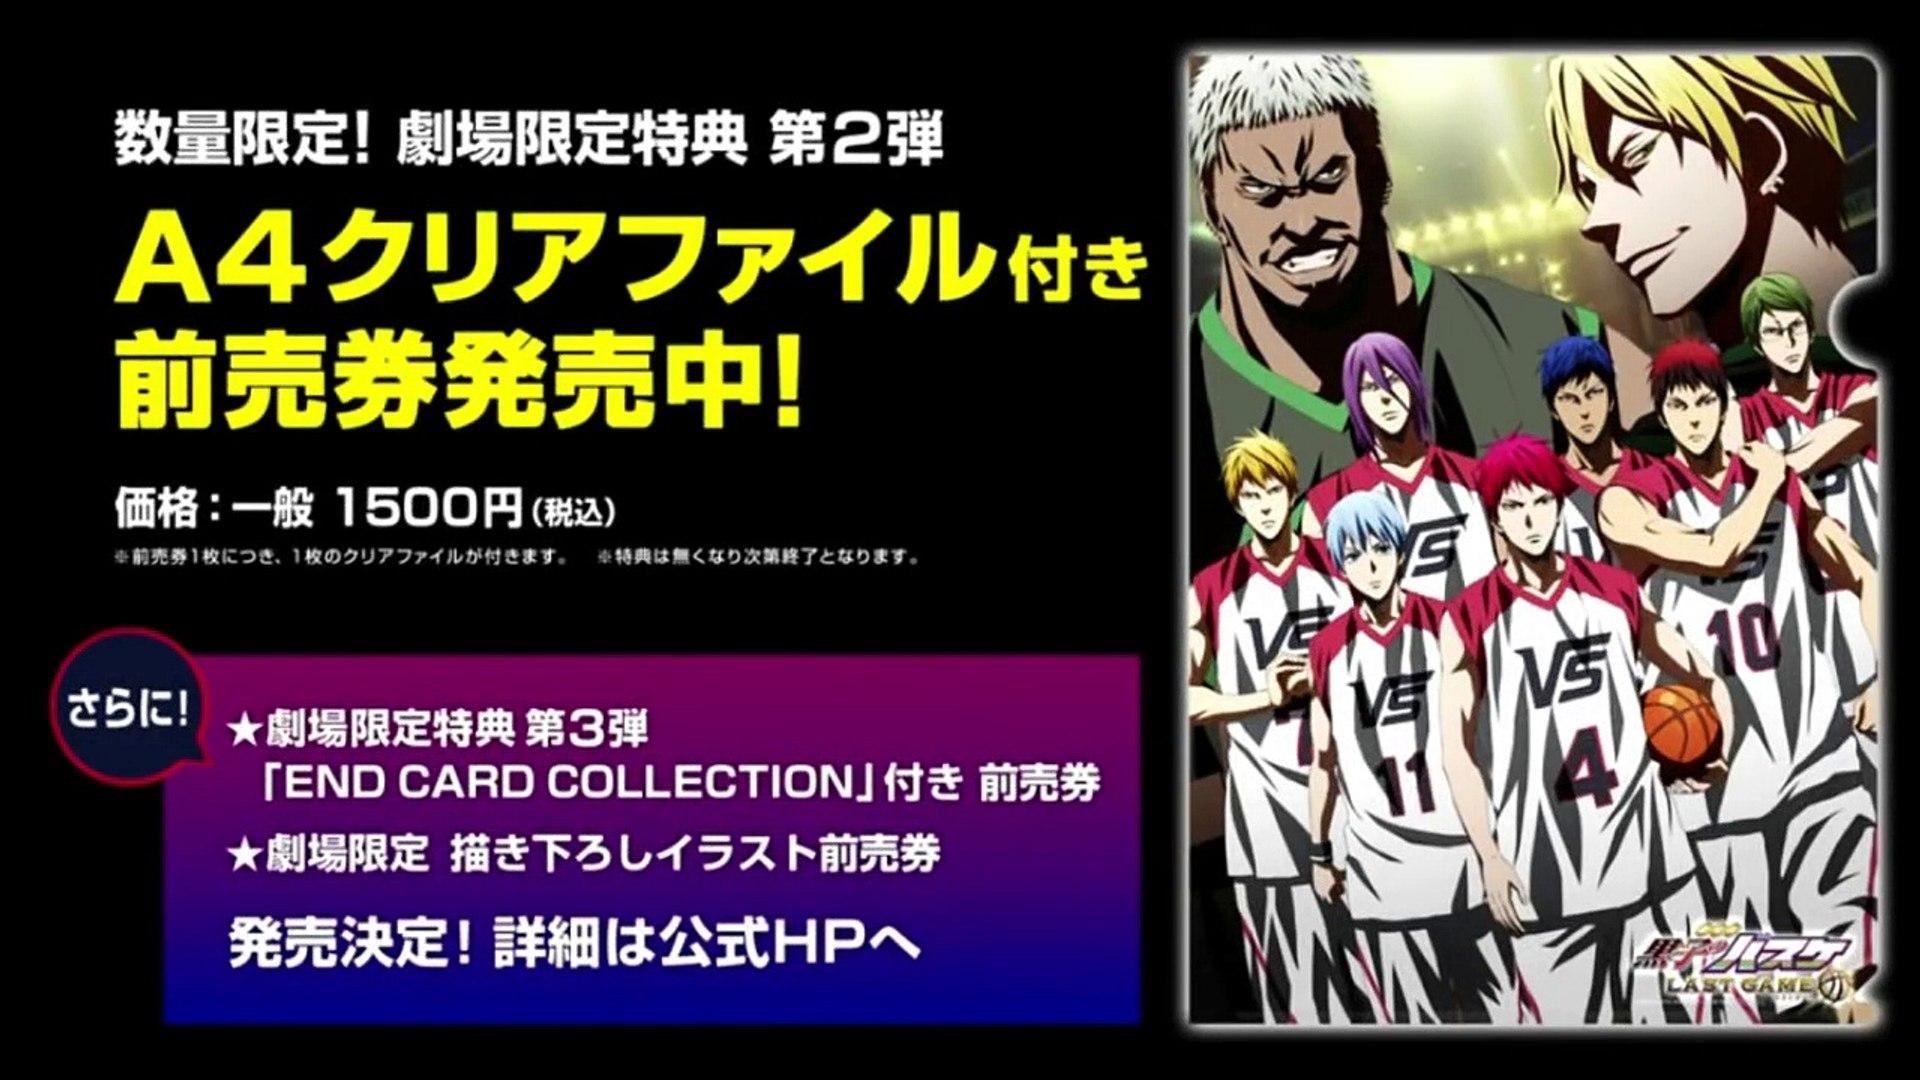 映画 黒子のバスケ Last Game 新ロングpv 高画質 Video Dailymotion